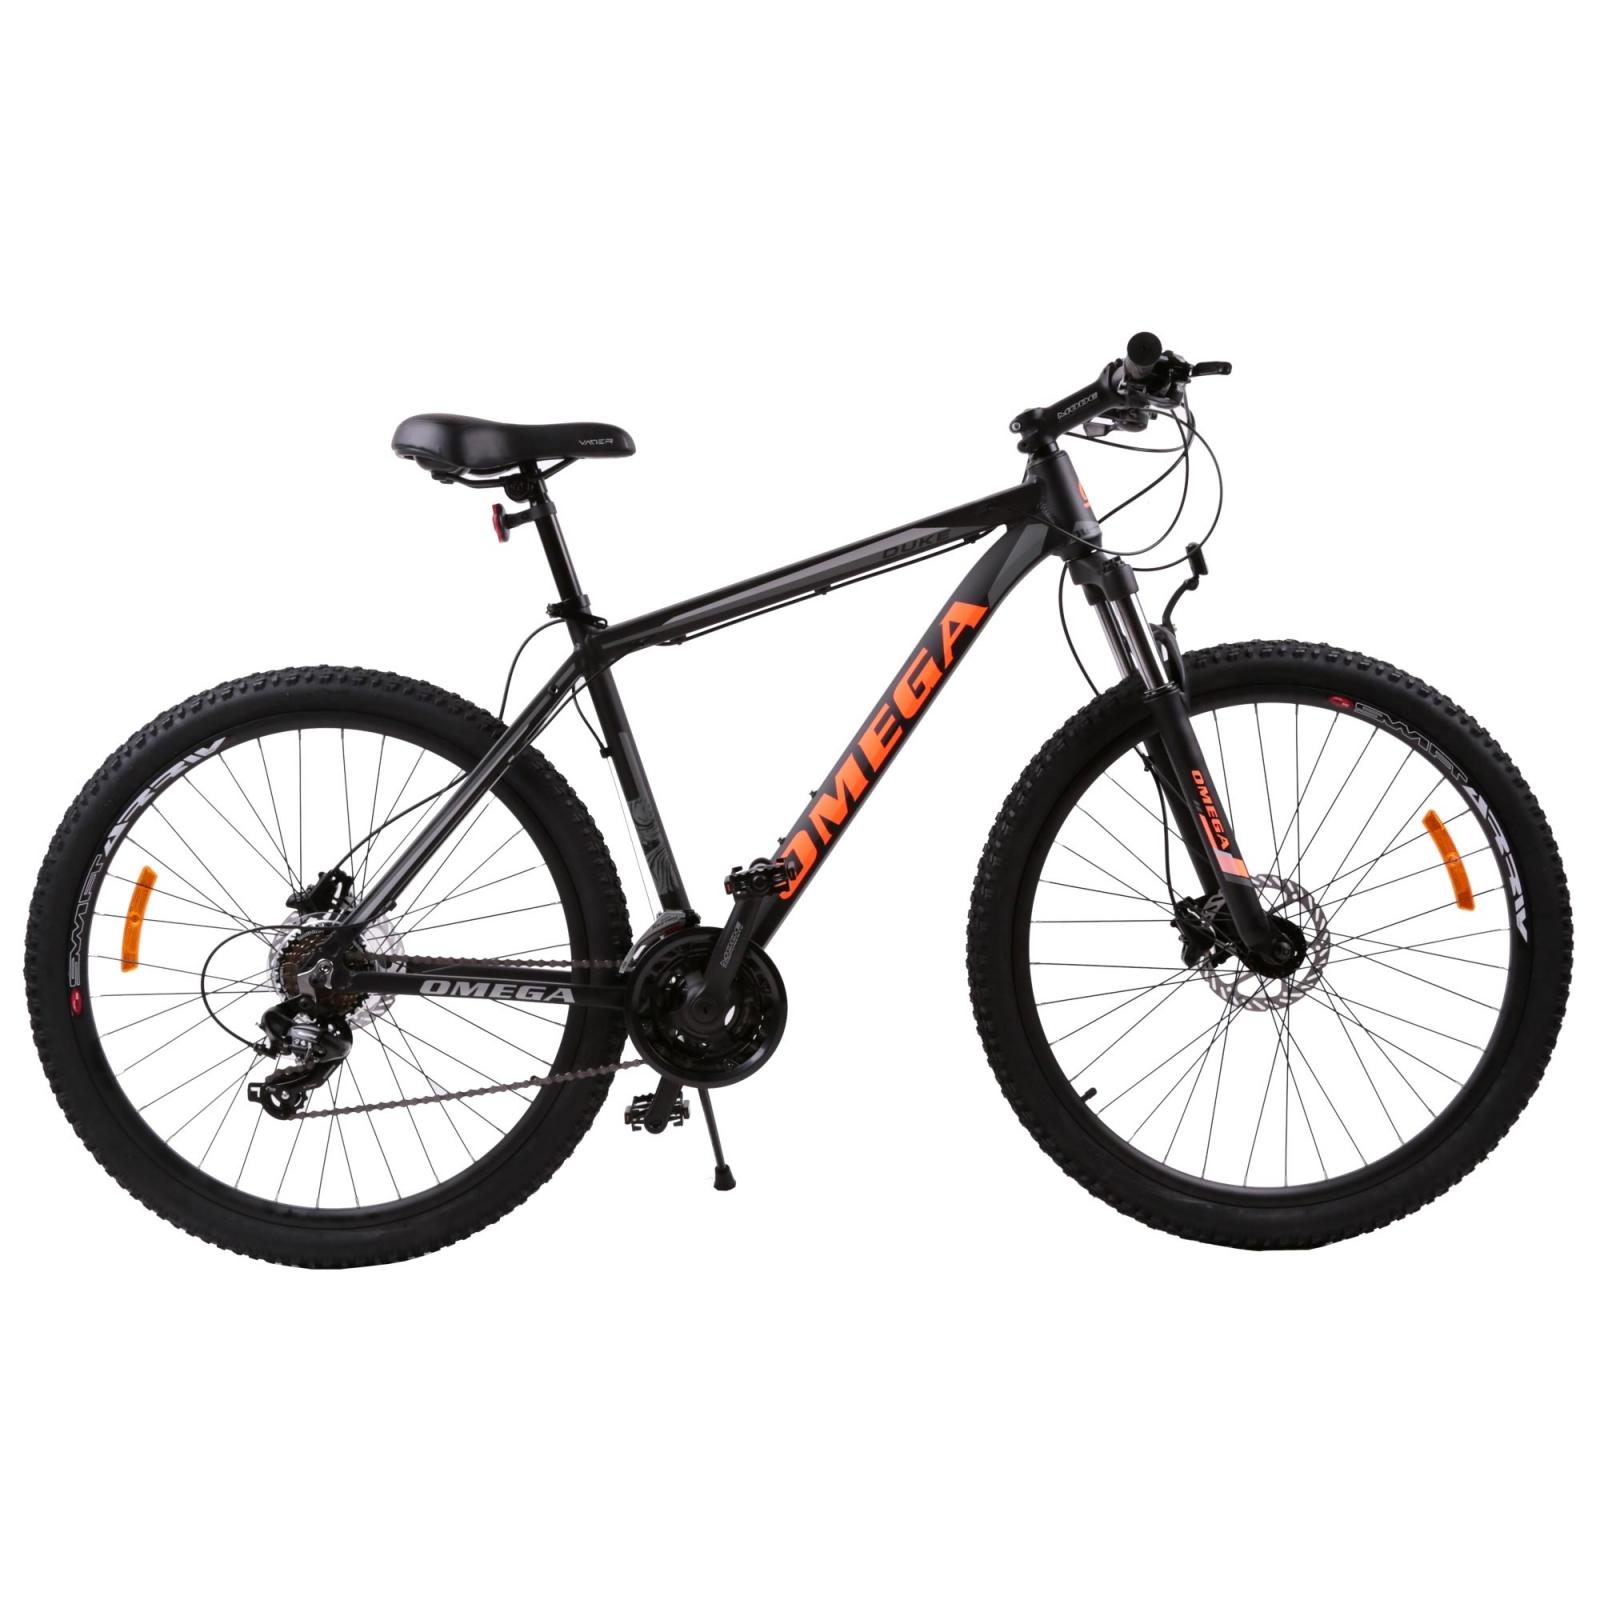 Bicicleta mountainbike Omega Duke 29 cadru 49cm 2019 negru rosu albastru